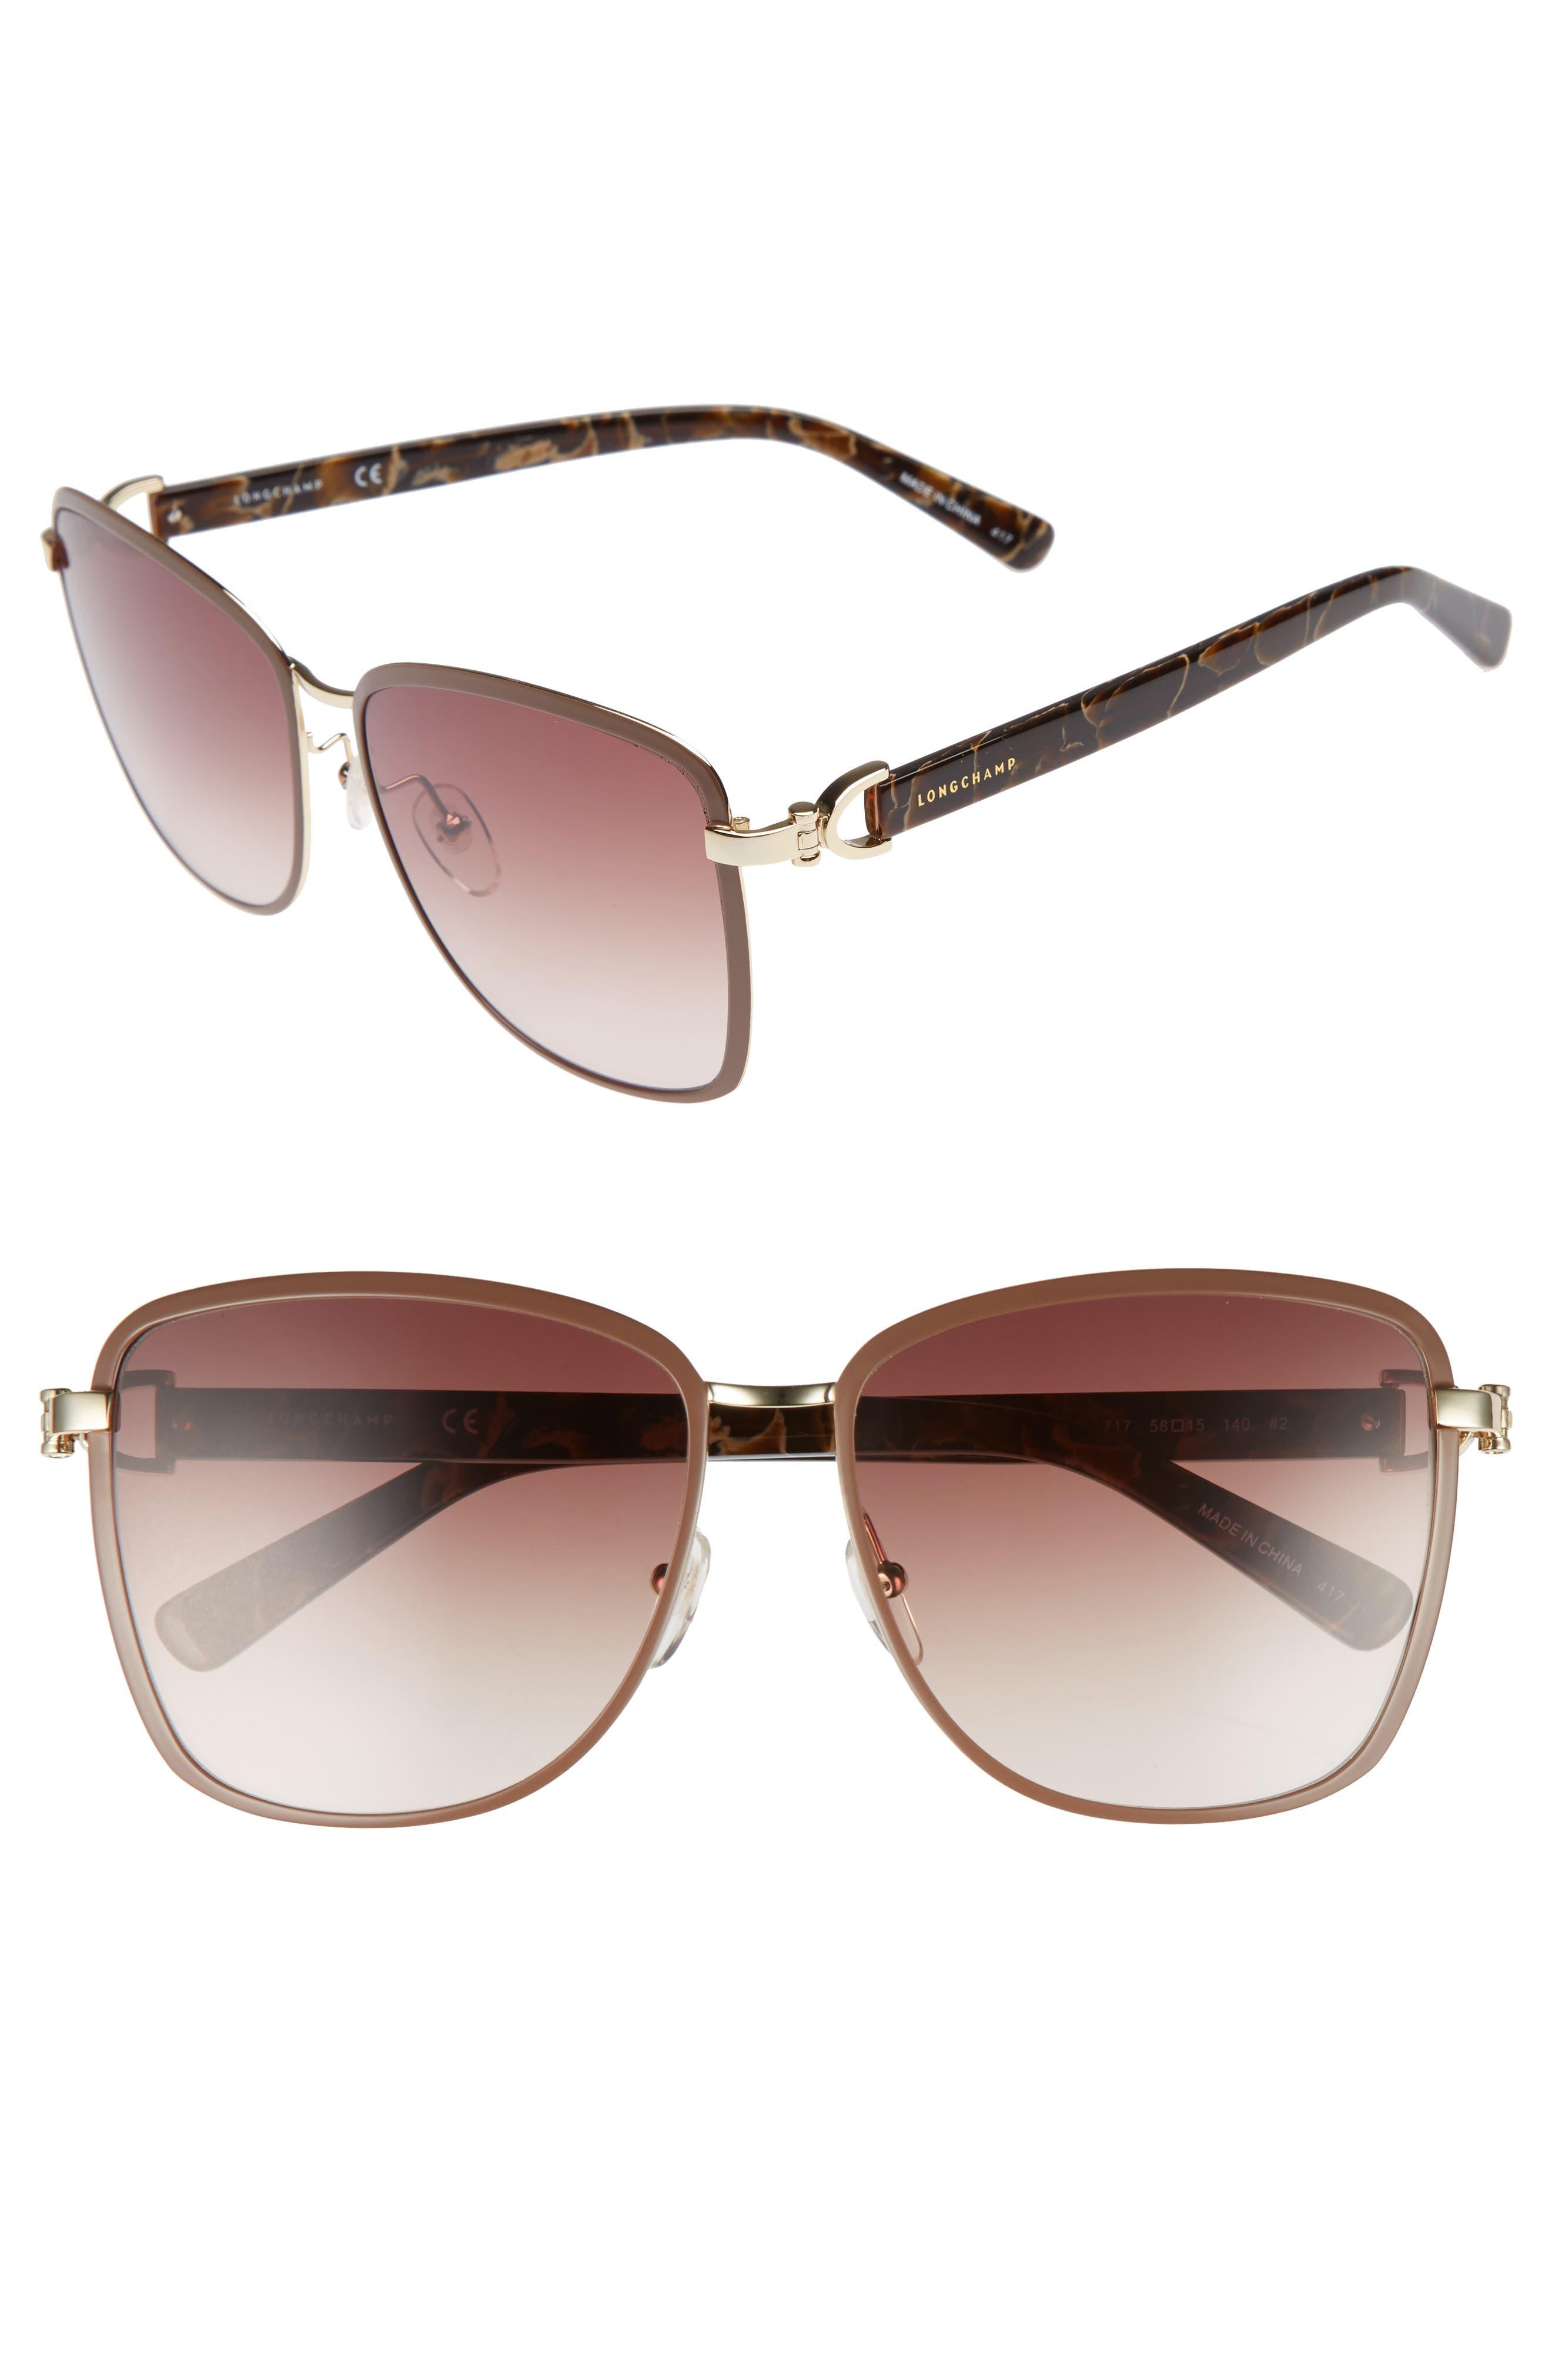 58mm Metal Sunglasses,                         Main,                         color, Gold/ Brown